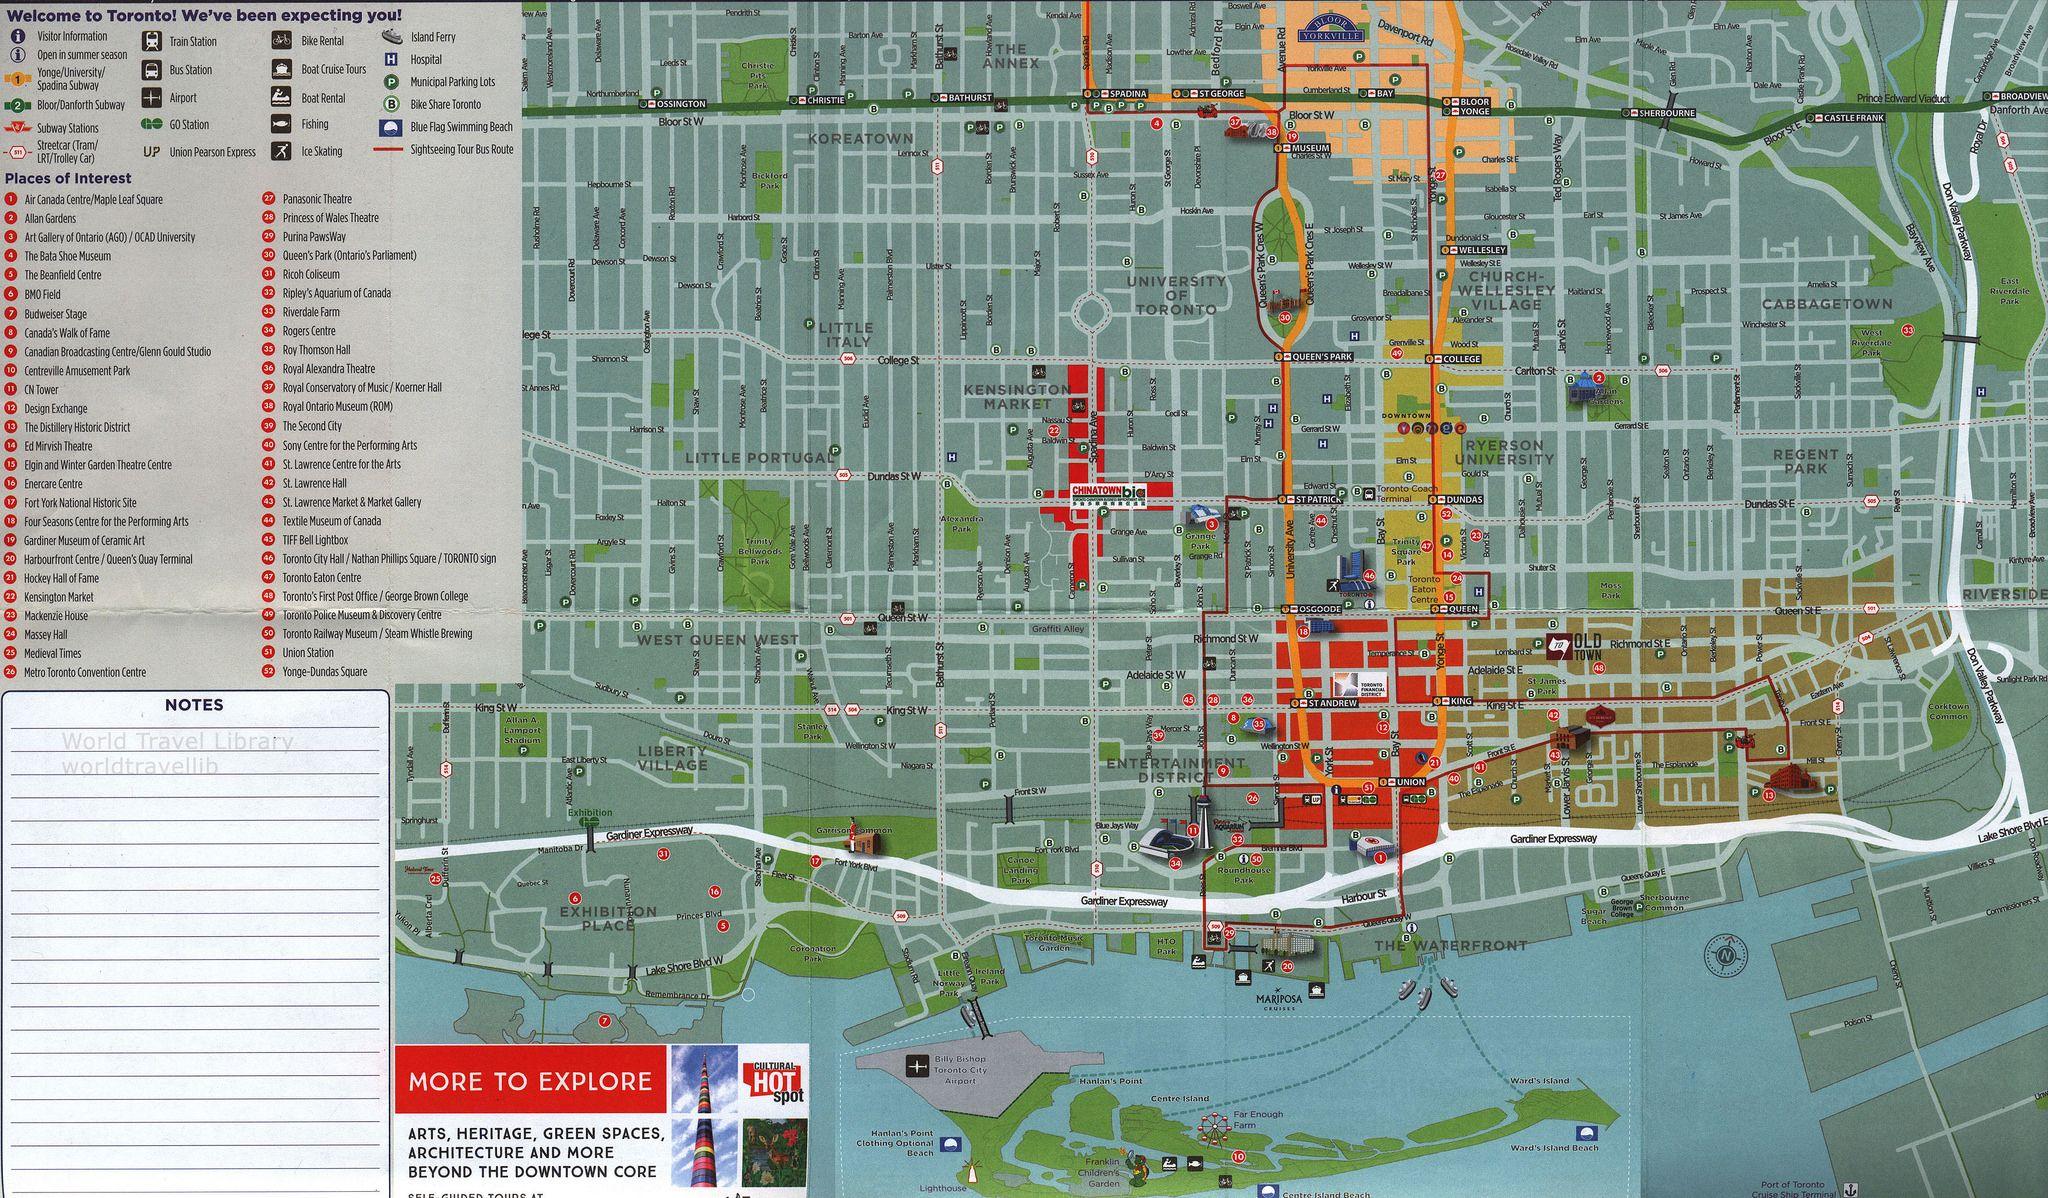 httpsflickrp22DHqHJ Toronto Map 20172 Toronto Map